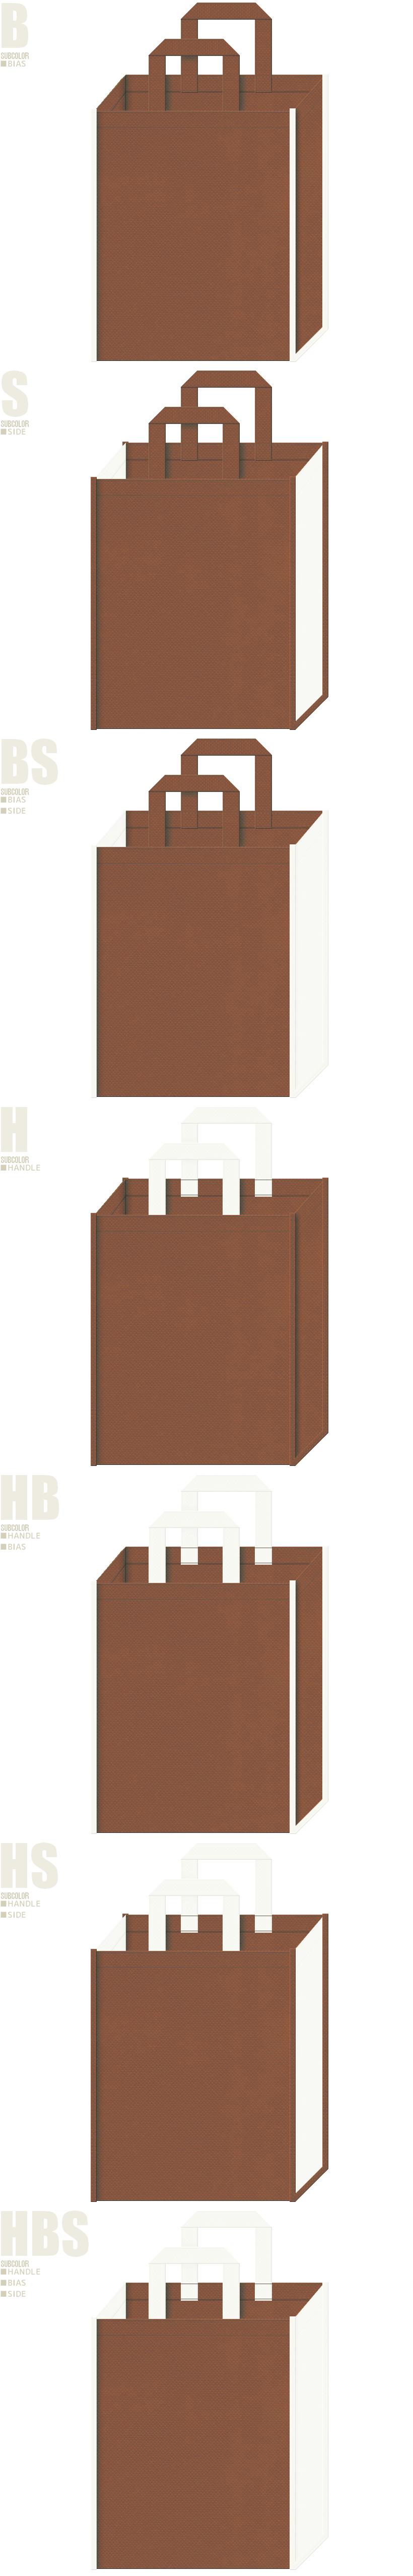 琴・三味線・ココナッツオイル・日焼け止め・ココナッツミルク・乳製品・牧場・ミルクチョコレート・スイーツ・ロールケーキ・ベーカリー・食品の展示会・販促イベントにお奨めの不織布バッグデザイン:茶色とオフホワイト色の配色7パターン